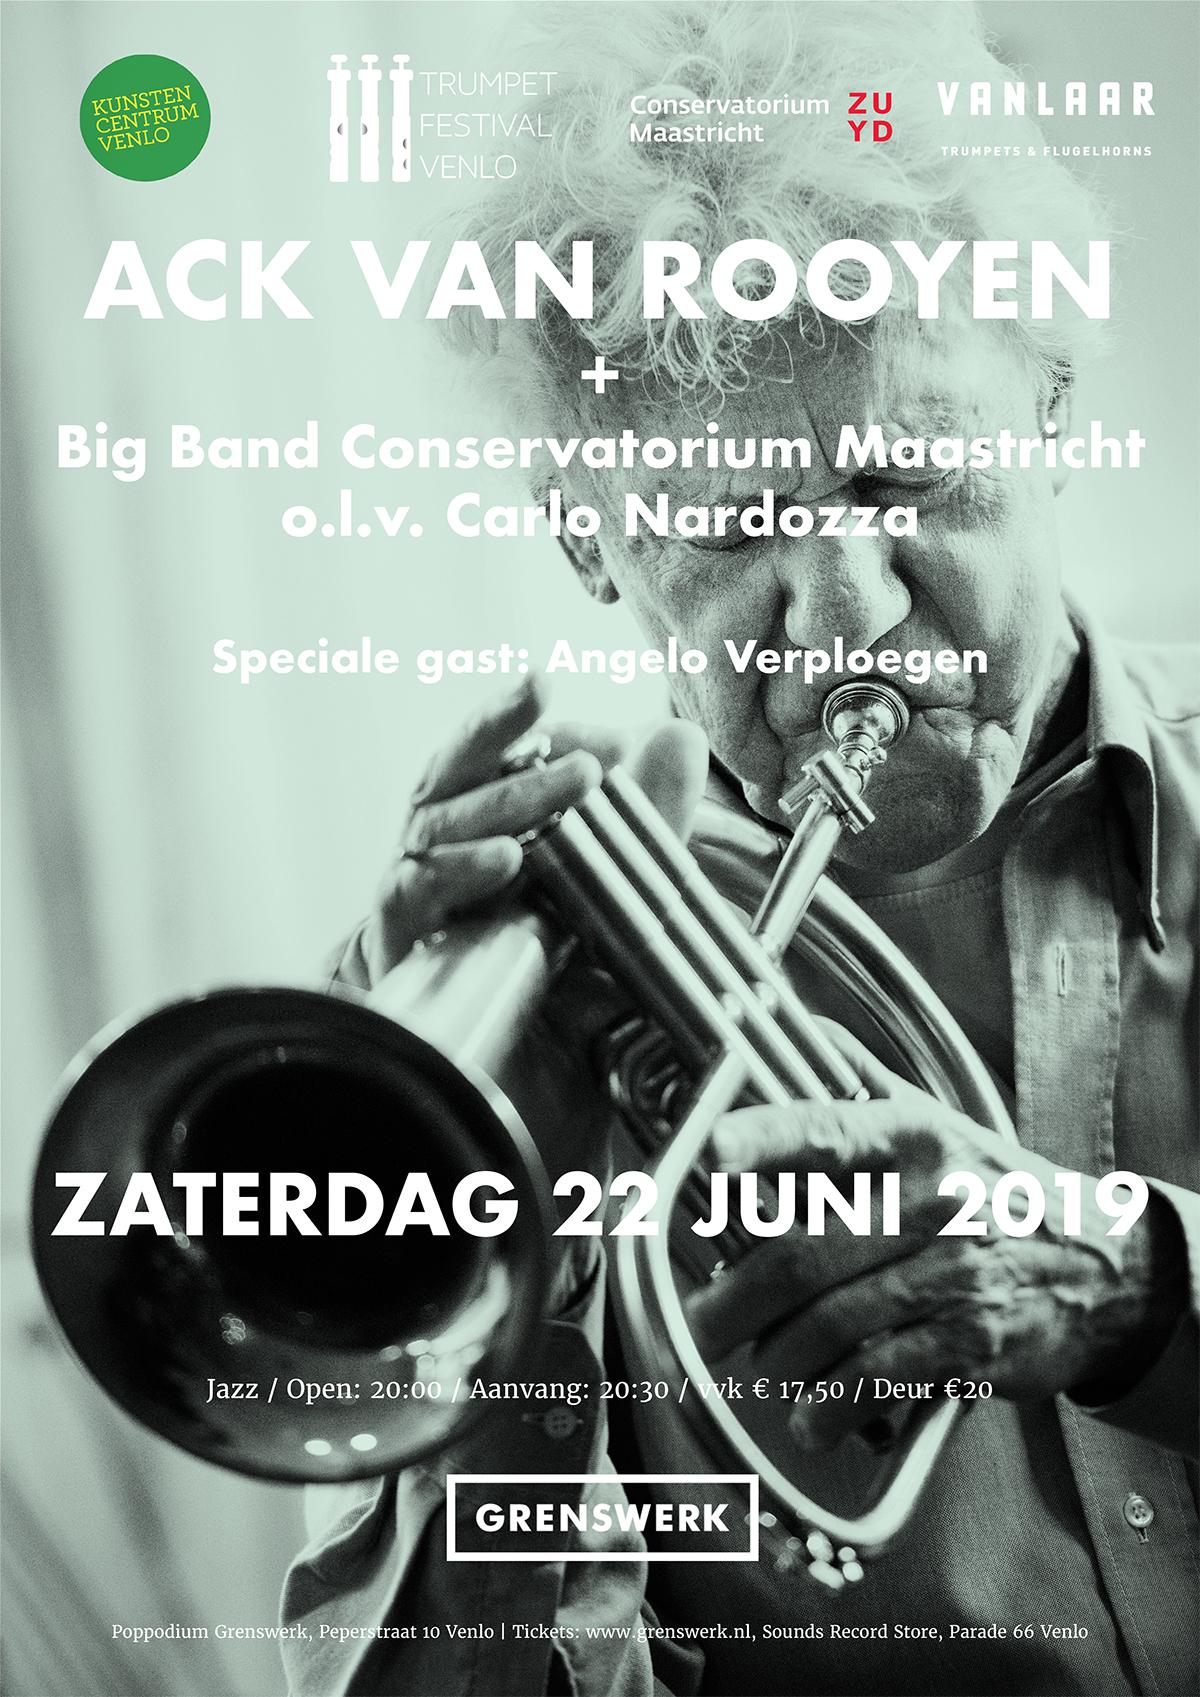 Trumpet Festival Venlo concert tot 22 juni